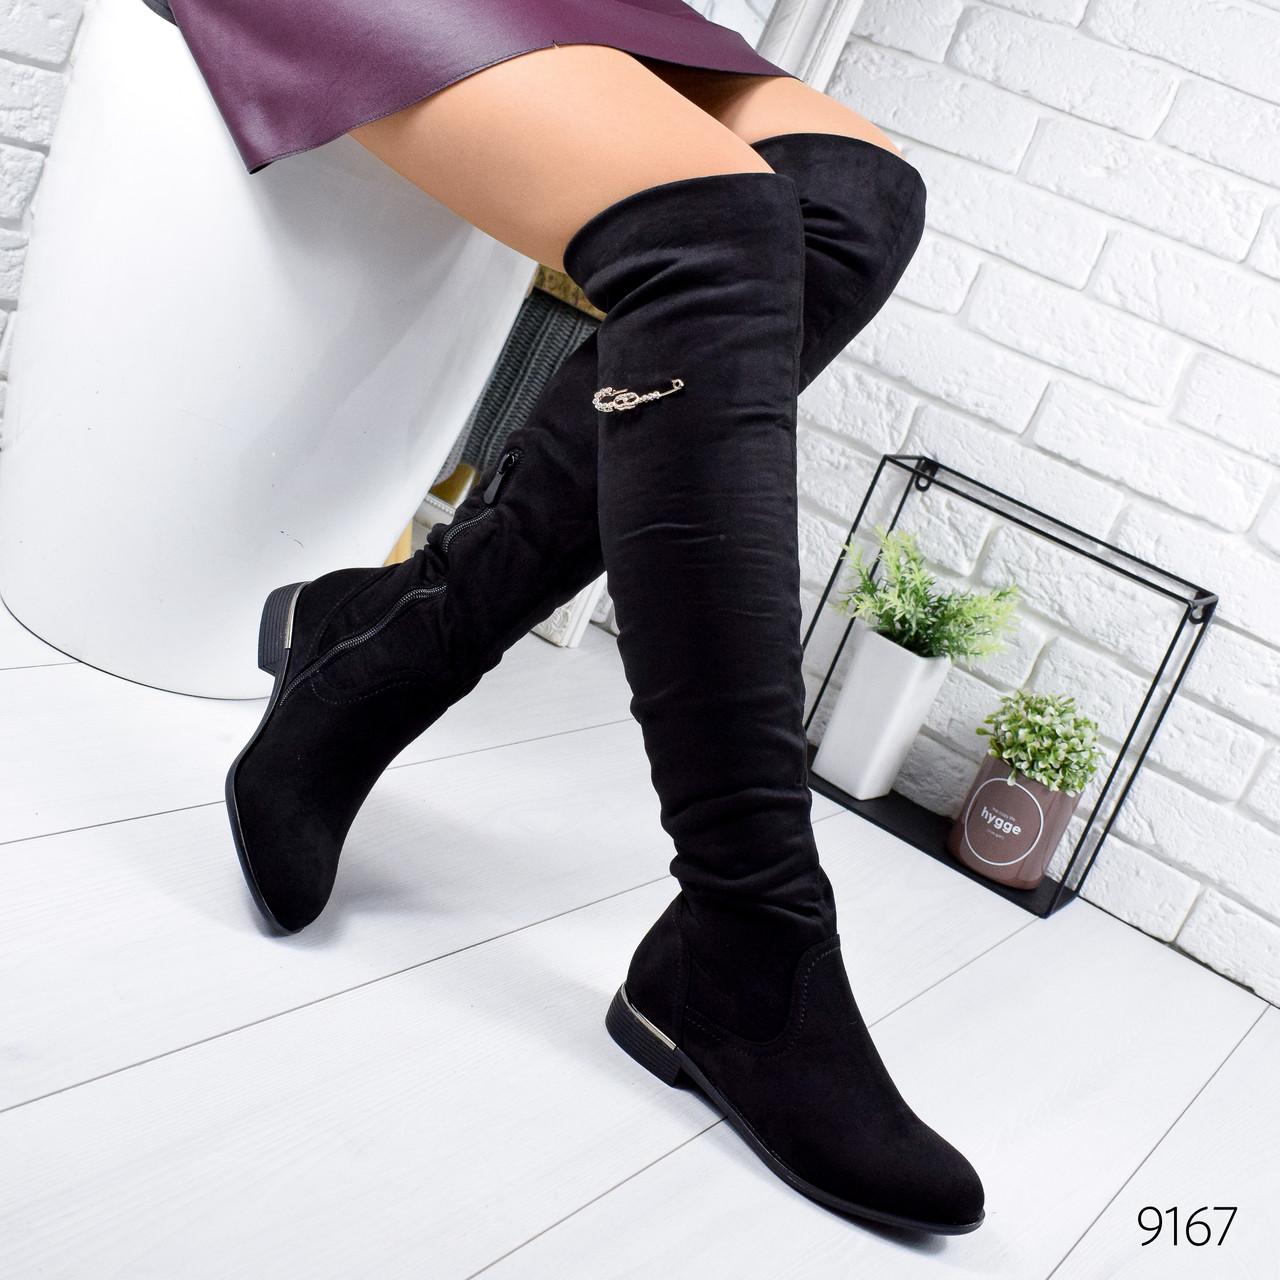 Сапоги женские ботфорты Sayl черные 9167